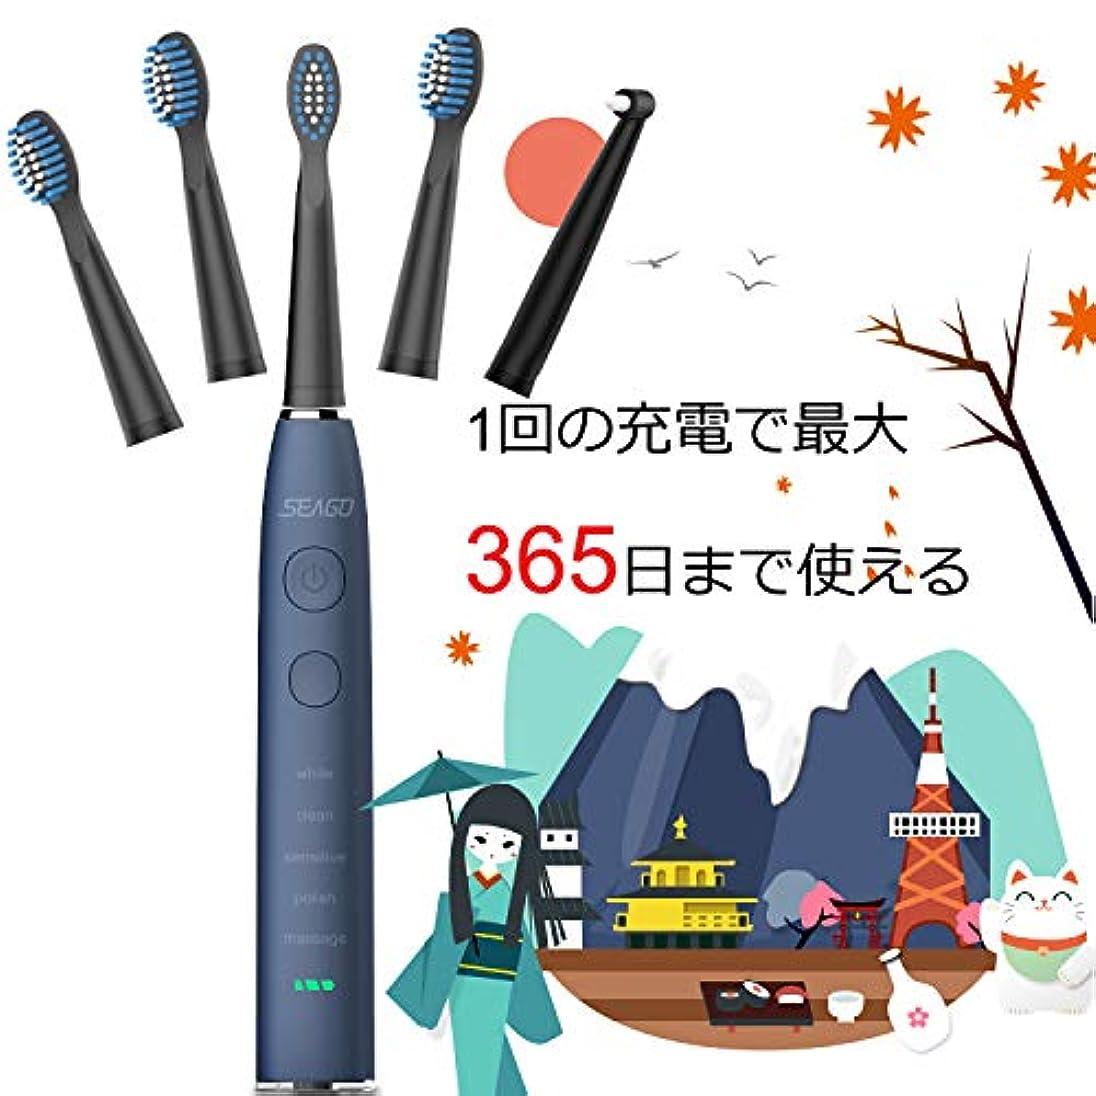 プレゼント集める賠償電動歯ブラシ 歯ブラシ seago 音波歯ブラシ USB充電式8時間 365日に使用 IPX7防水 五つモードと2分オートタイマー機能搭載 替えブラシ5本 12ヶ月メーカー保証 SG-575(ブルー)